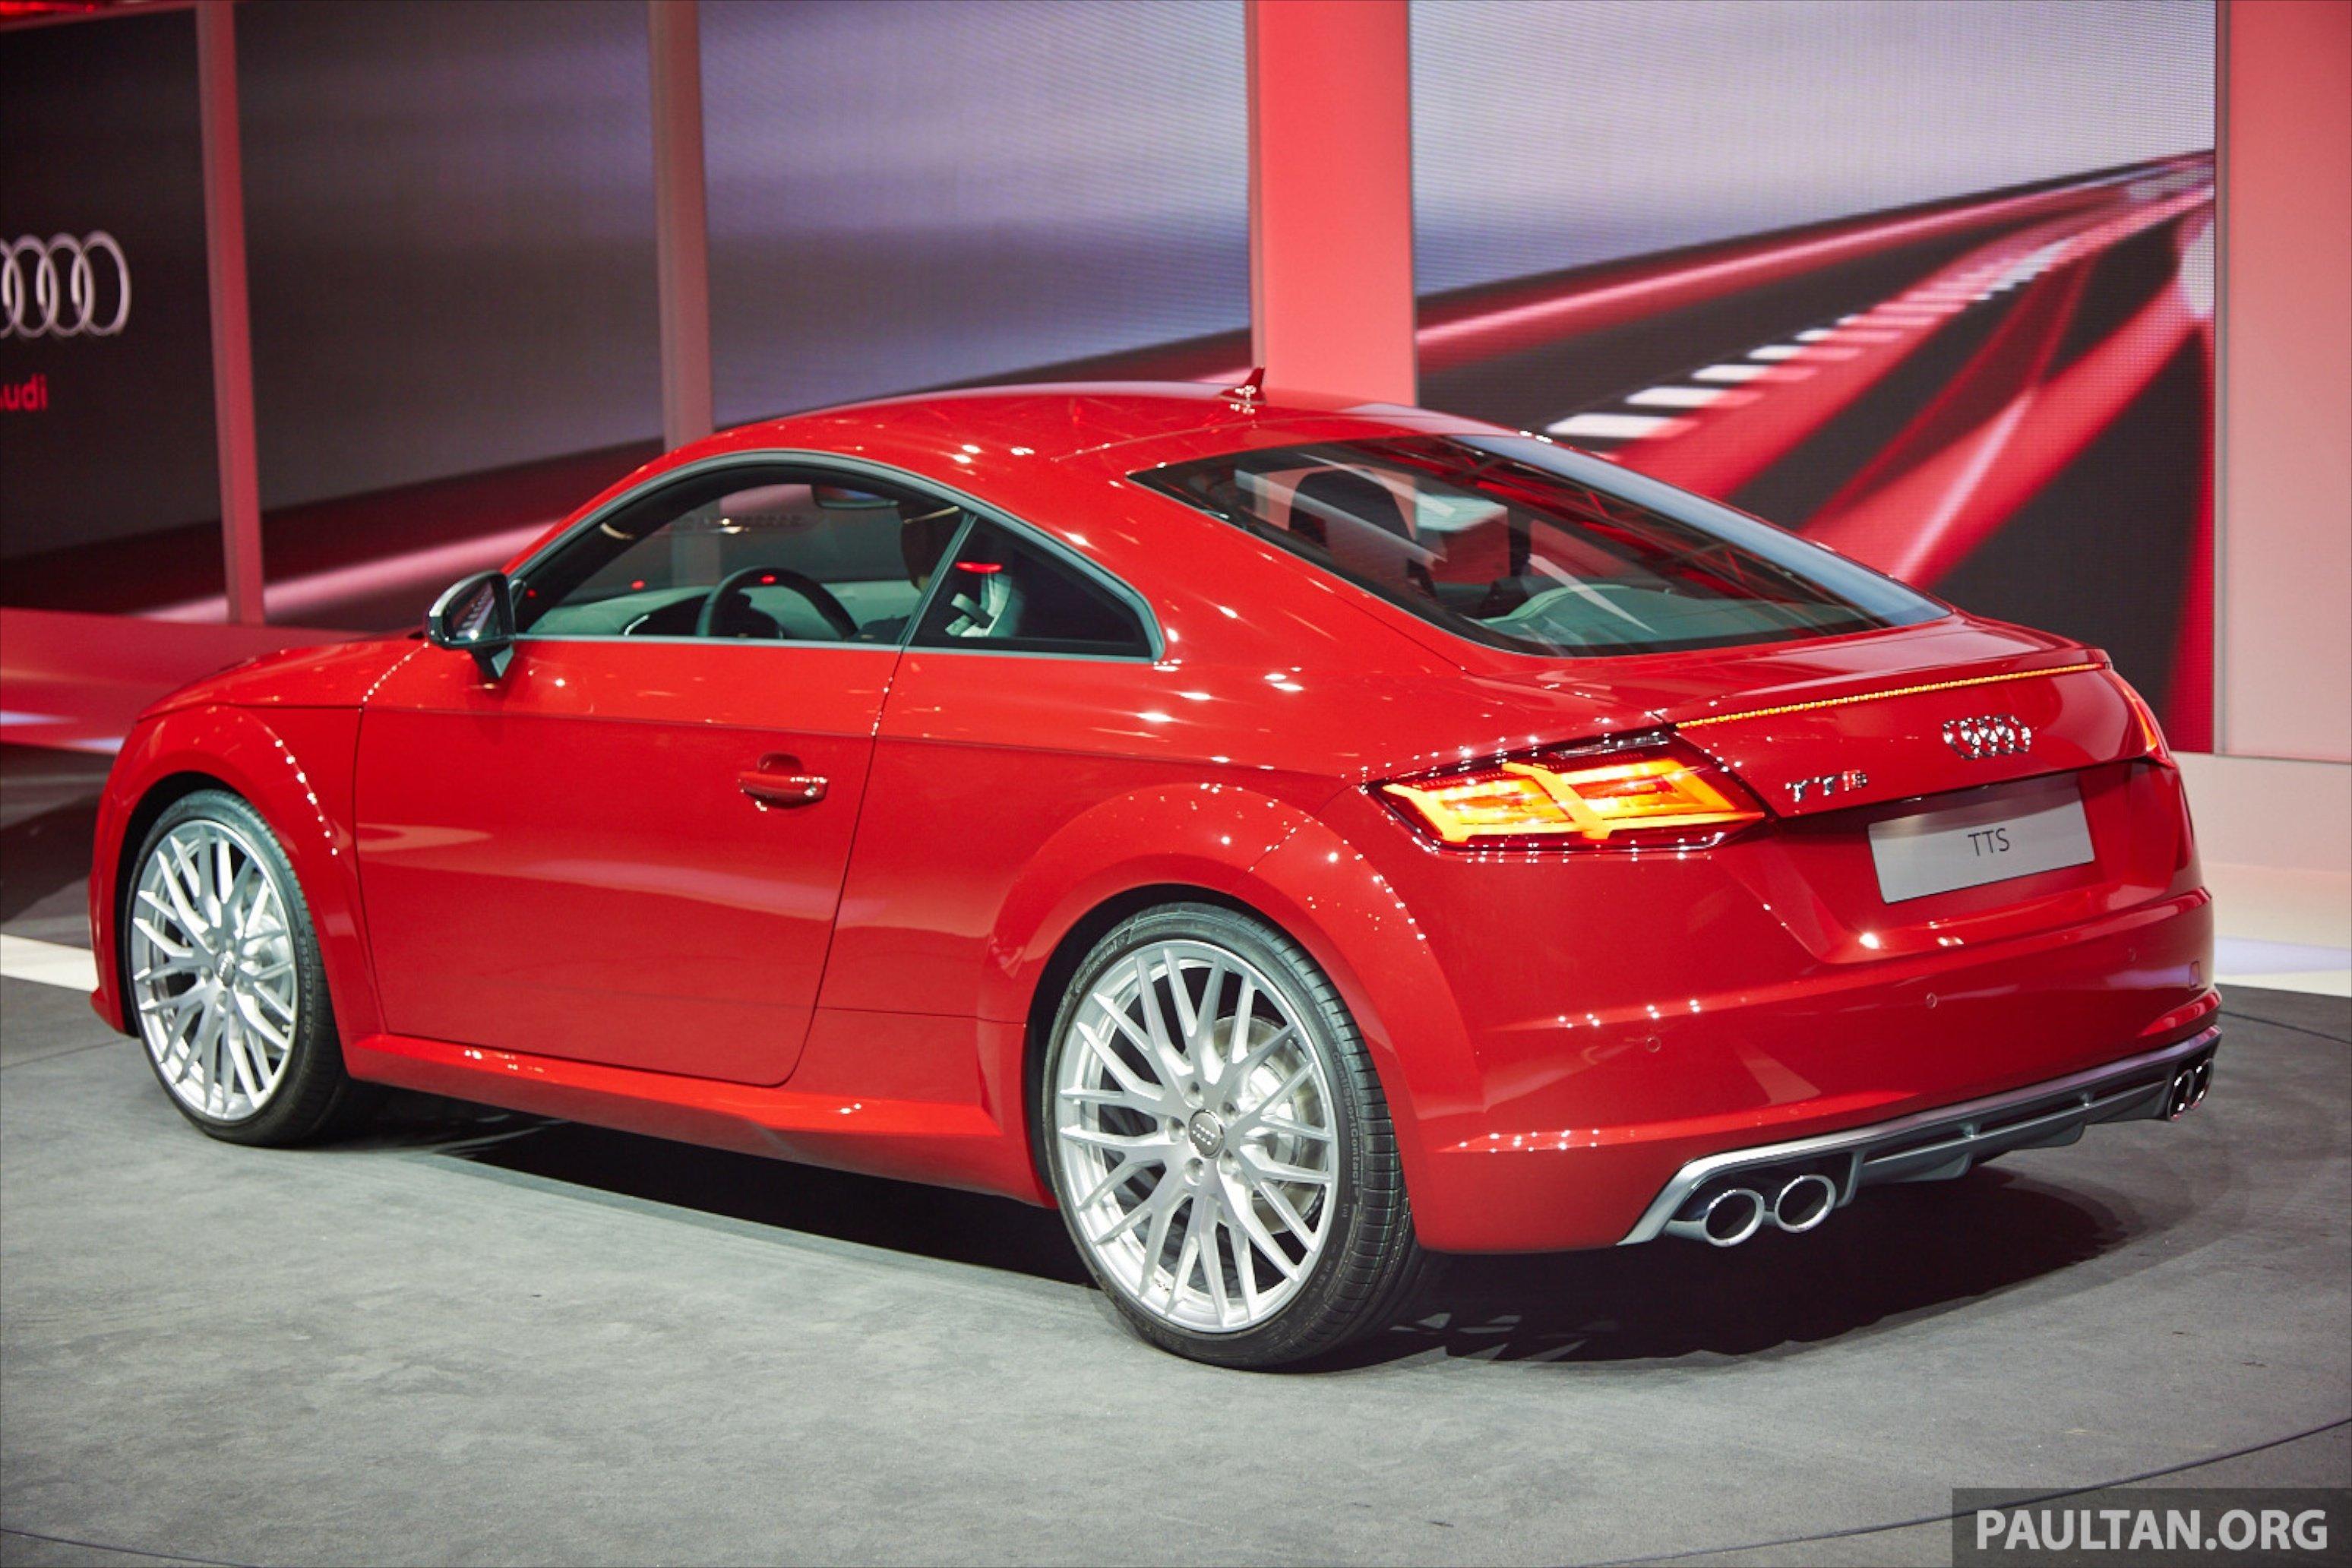 New Audi Tt And Tts Make Their Debut At Geneva Paul Tan